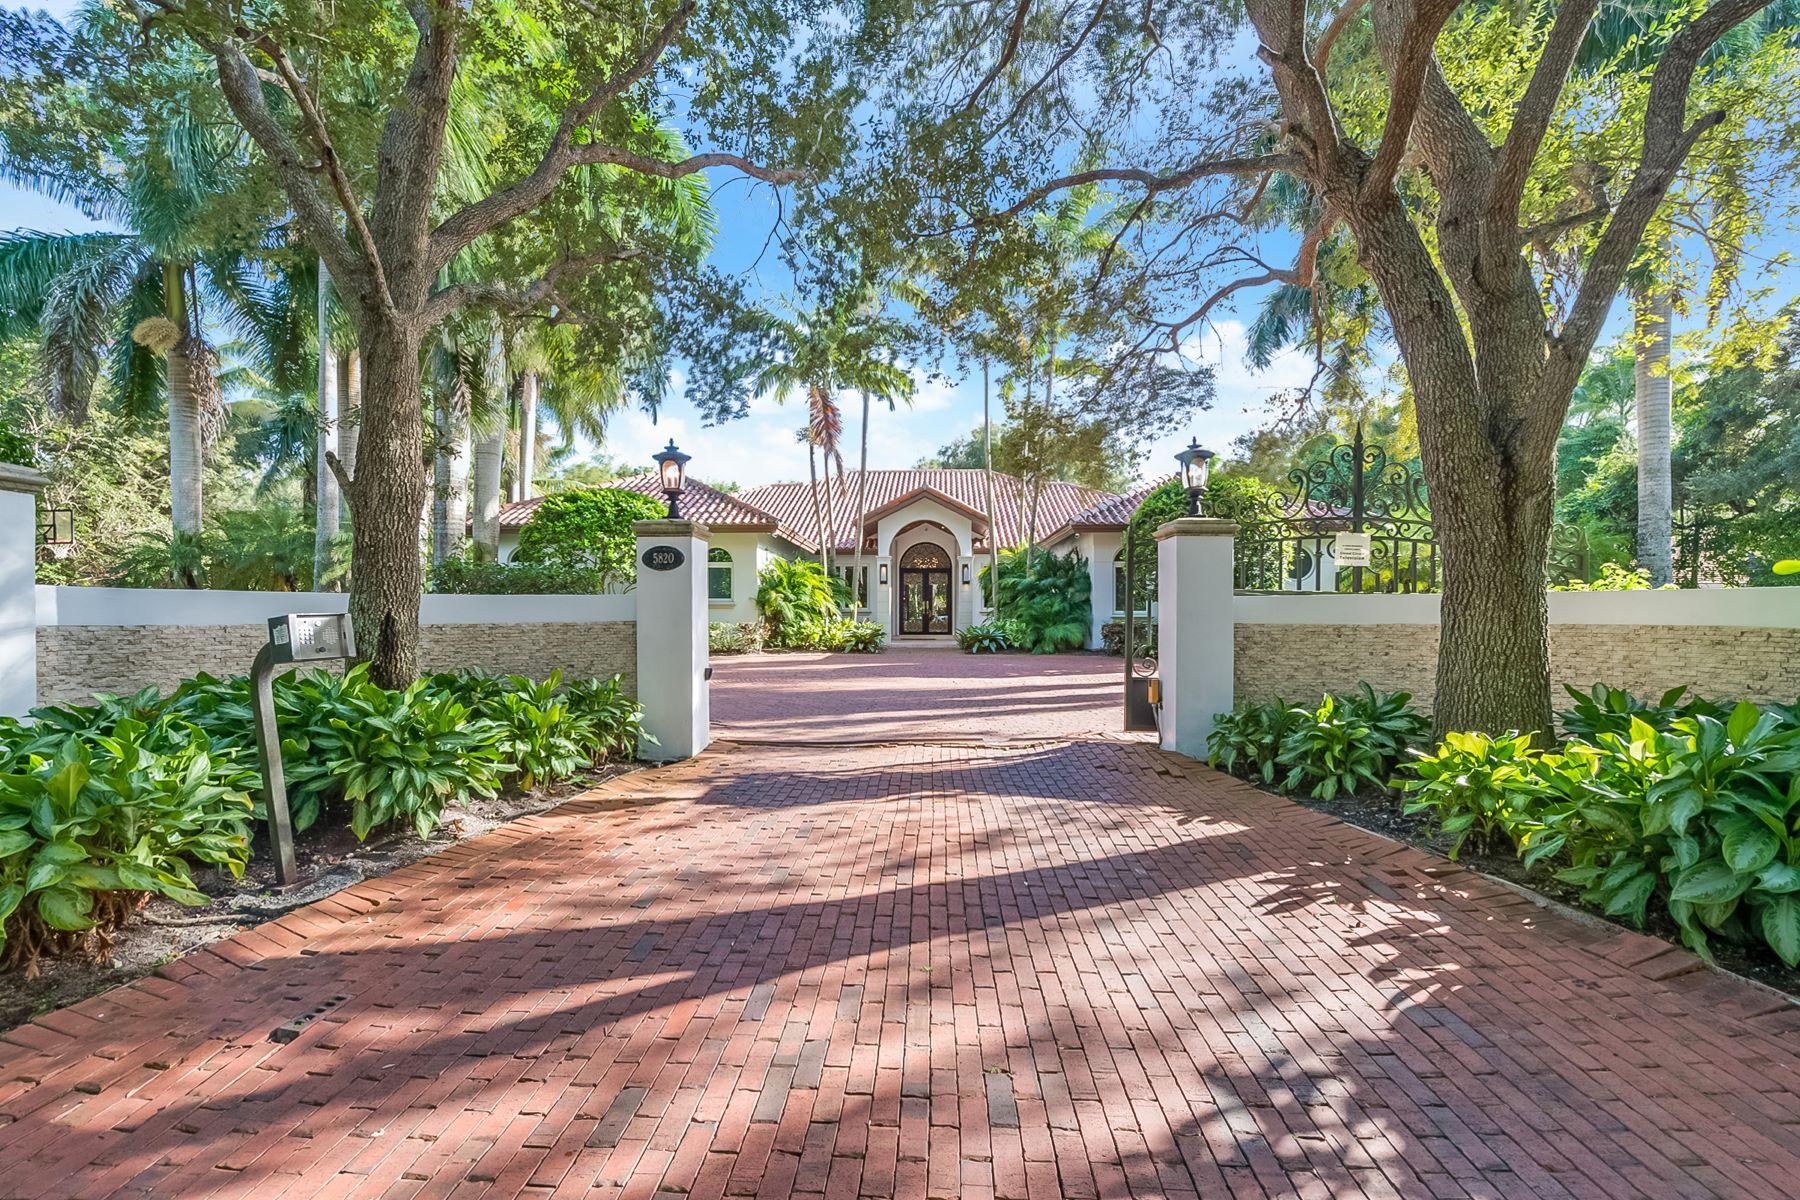 Tek Ailelik Ev için Satış at 5820 Sw 97th Street Pinecrest, Florida, 33156 Amerika Birleşik Devletleri